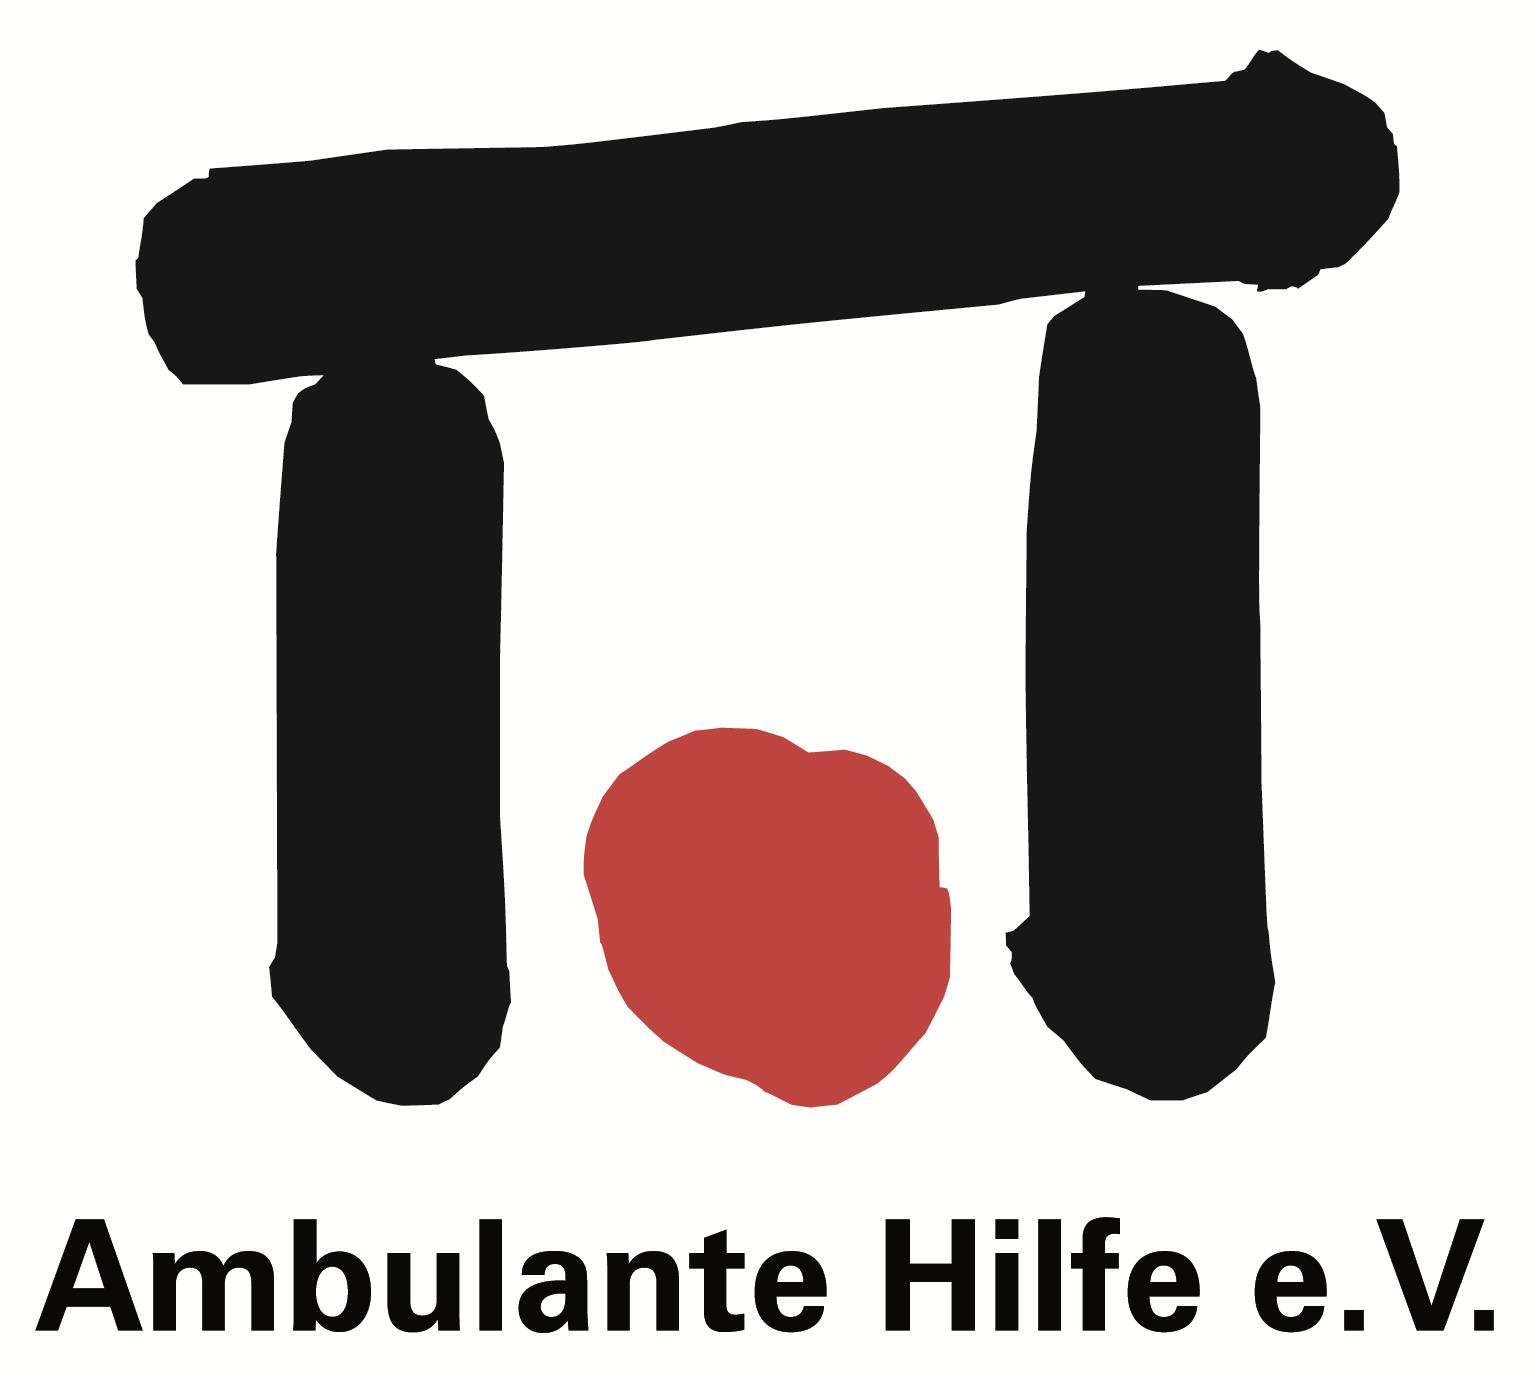 Gemeinsam mit Ambulante Hilfe e.V. führen wir die Einsätze des MedMobil in Stuttgart durch. Mit einer breiten Trägerschaft können Patient/-innen bedarfsgerecht an die vielfältigen Kooperationskontakte vermittelt werden. Das Ziel: Patienten wieder in das medizinische Regelsystem zu integrieren.